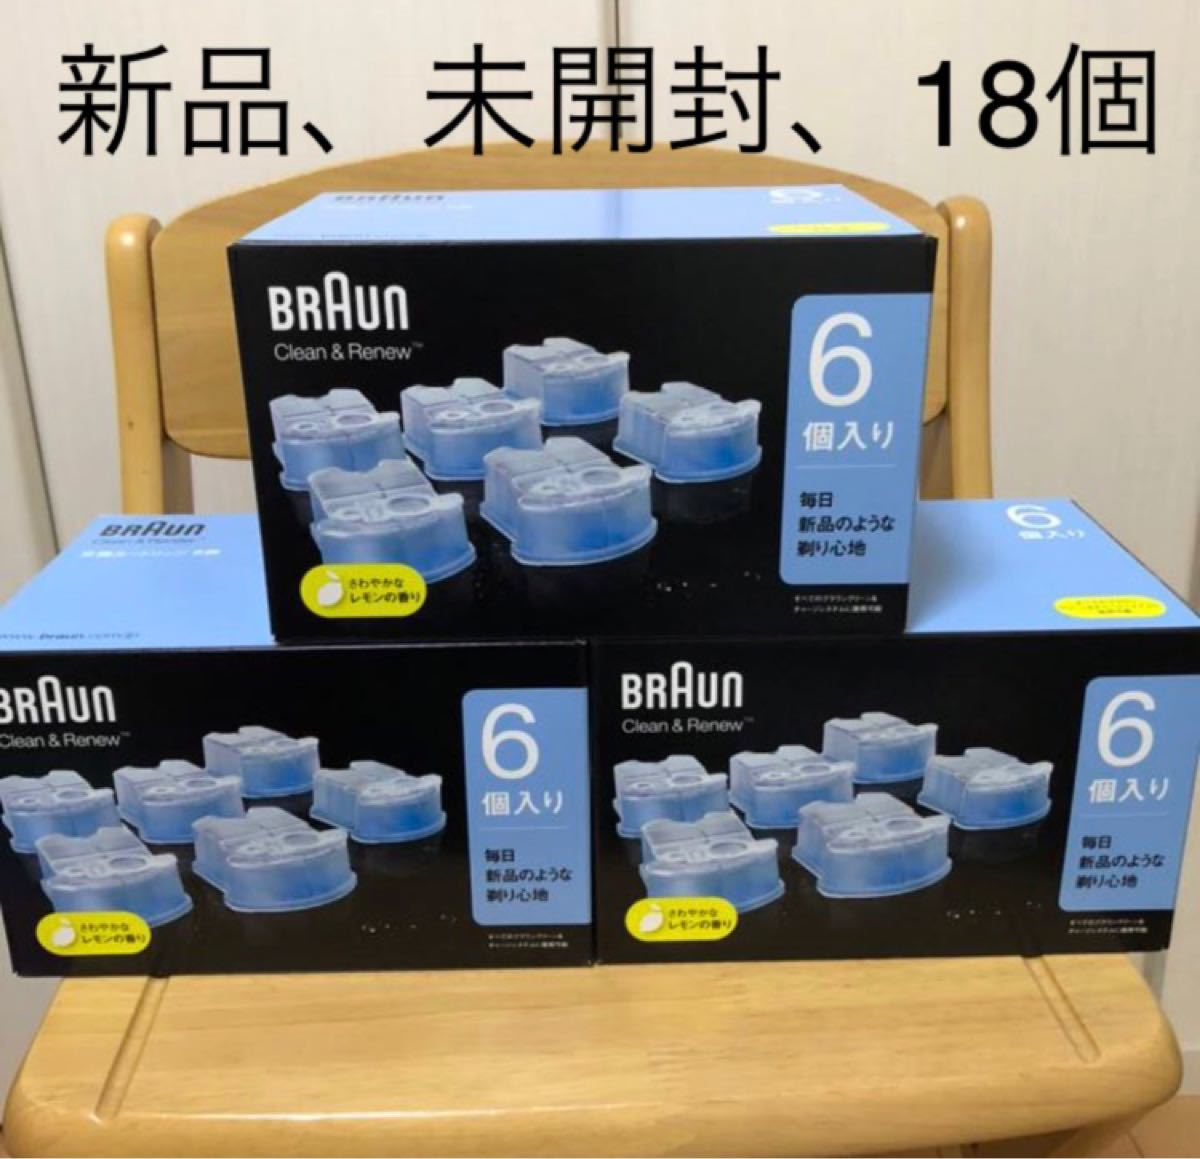 ブラウン アルコール洗浄液 18個メンズシェーバー用 正規品